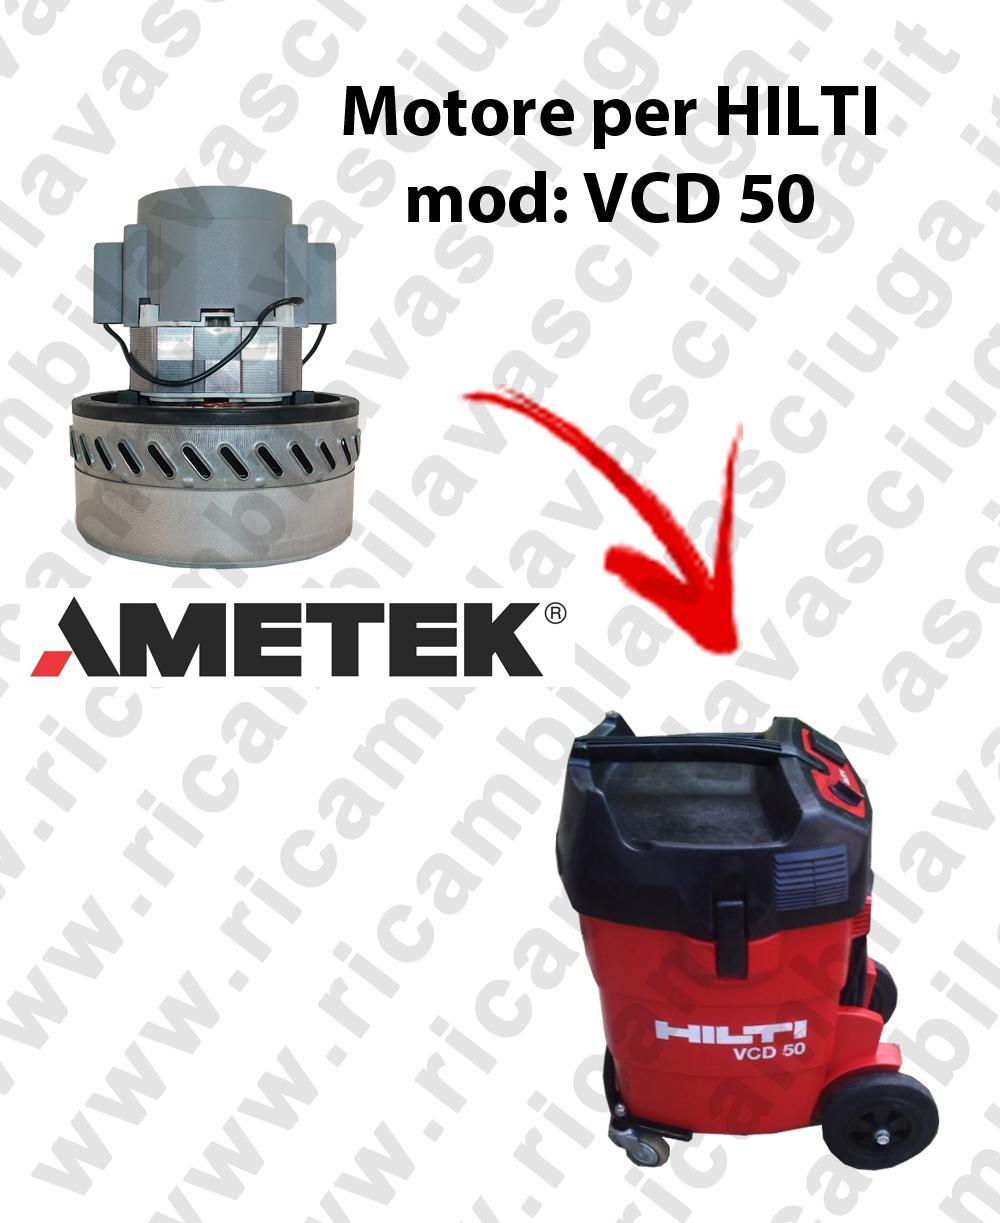 VCD 50 MOTEUR ASPIRATION AMETEK pour aspirateur et aspirateur à eau HILTI